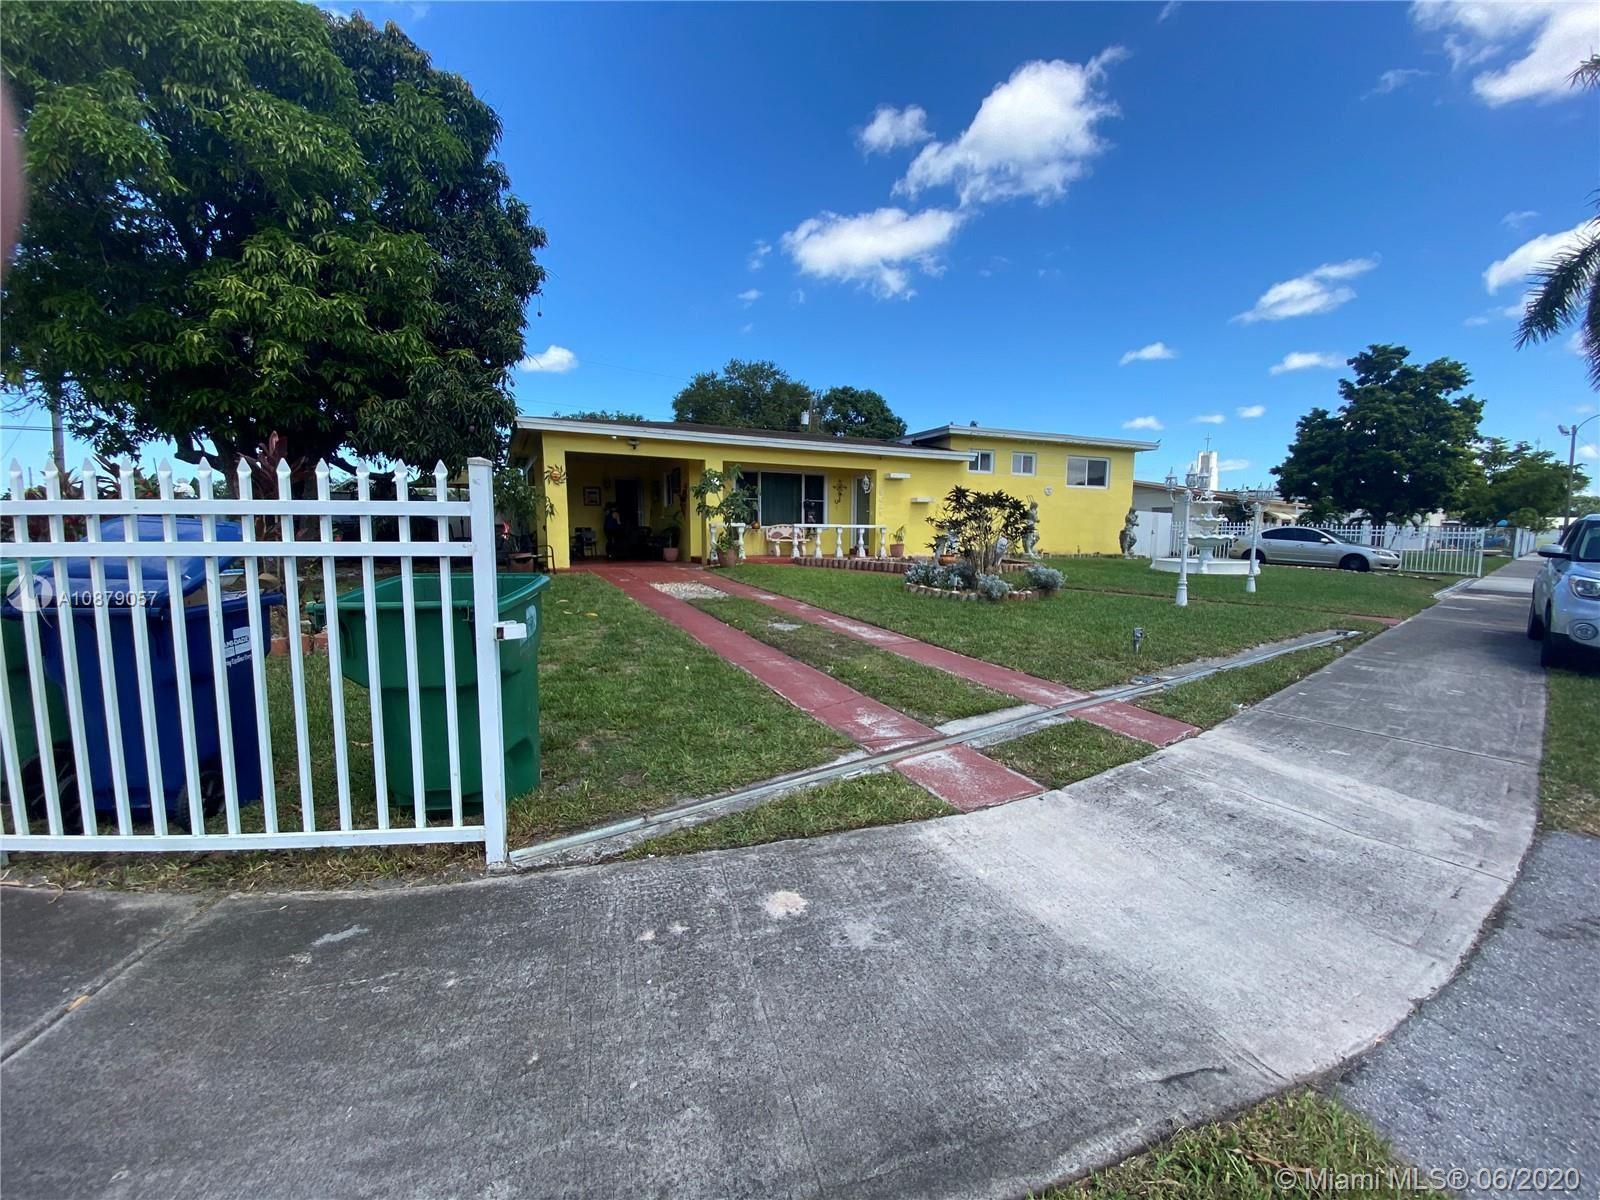 19625 NW 9th Ave, Miami Gardens, FL 33169 - #: A10879057